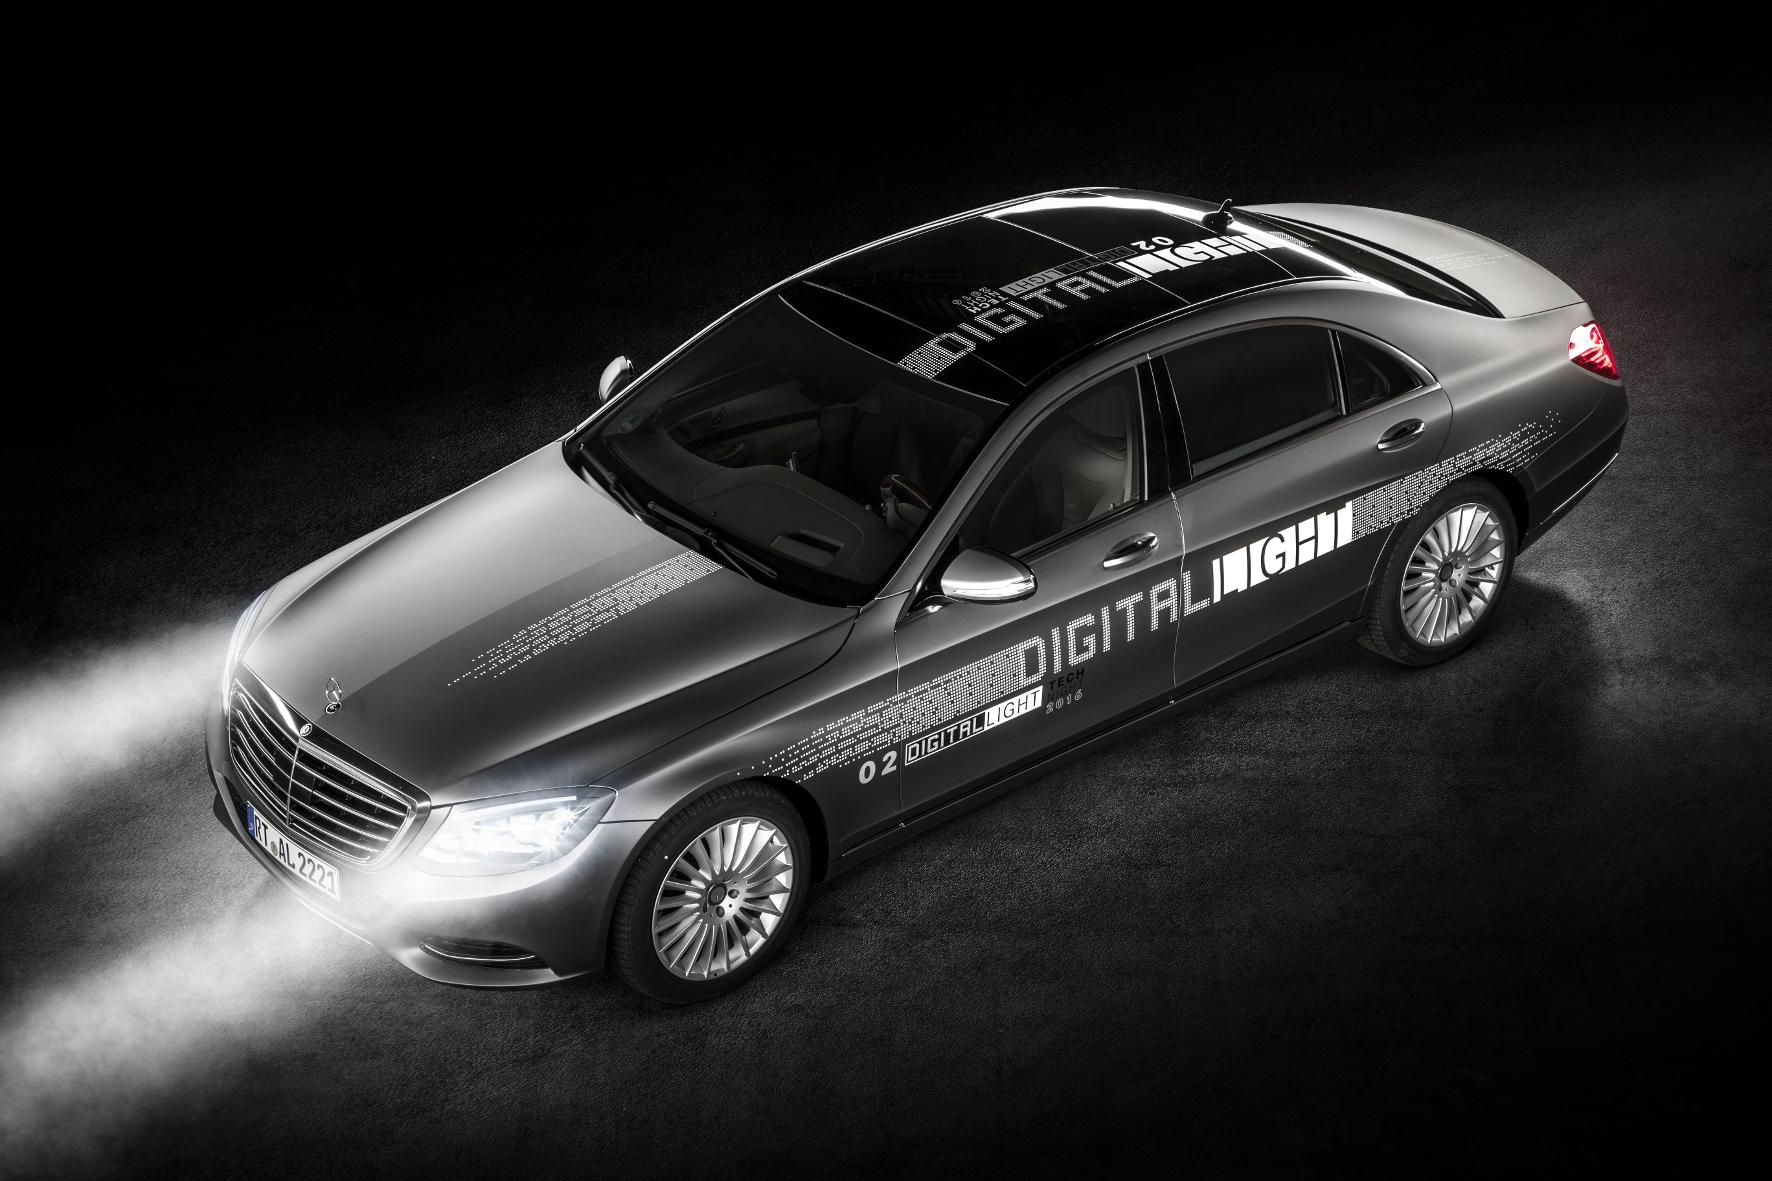 """mid Groß-Gerau - Mit """"Digital Light"""" will Mercedes mehr Licht ins Dunkel bringen. Erste Prototypen der neuen HD-Scheinwerfer-Generation werden jetzt in Demonstrations-Fahrzeugen eingesetzt."""